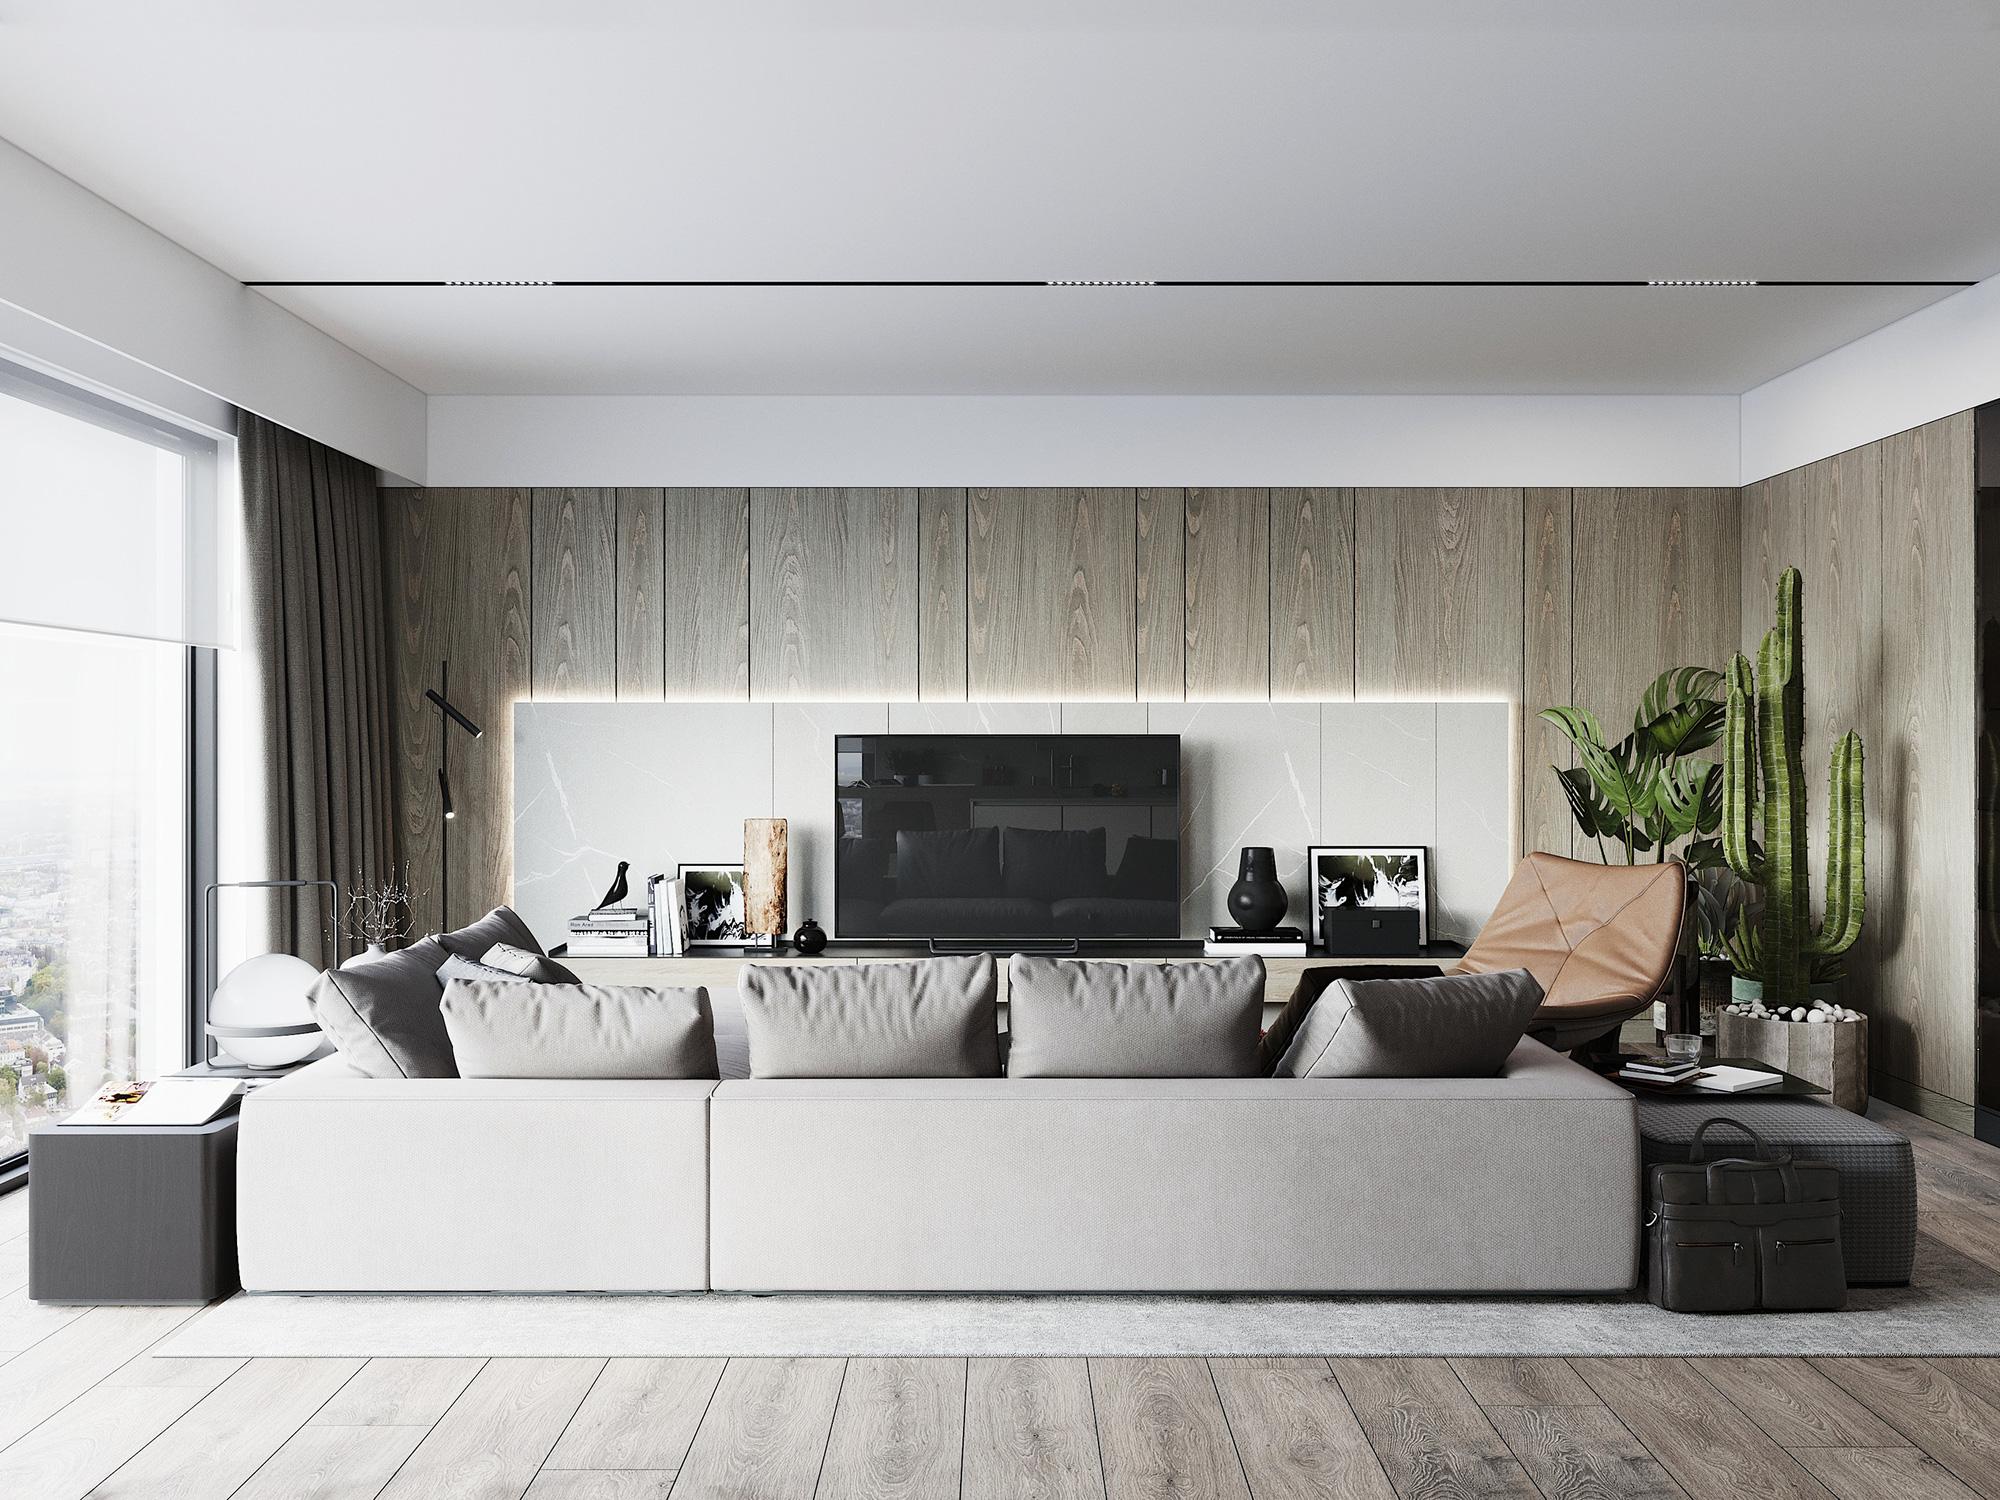 Kiến trúc sư tư vấn thiết kế căn hộ 76m² 2 phòng ngủ với chi phí tiết kiệm chỉ 189 triệu - Ảnh 3.